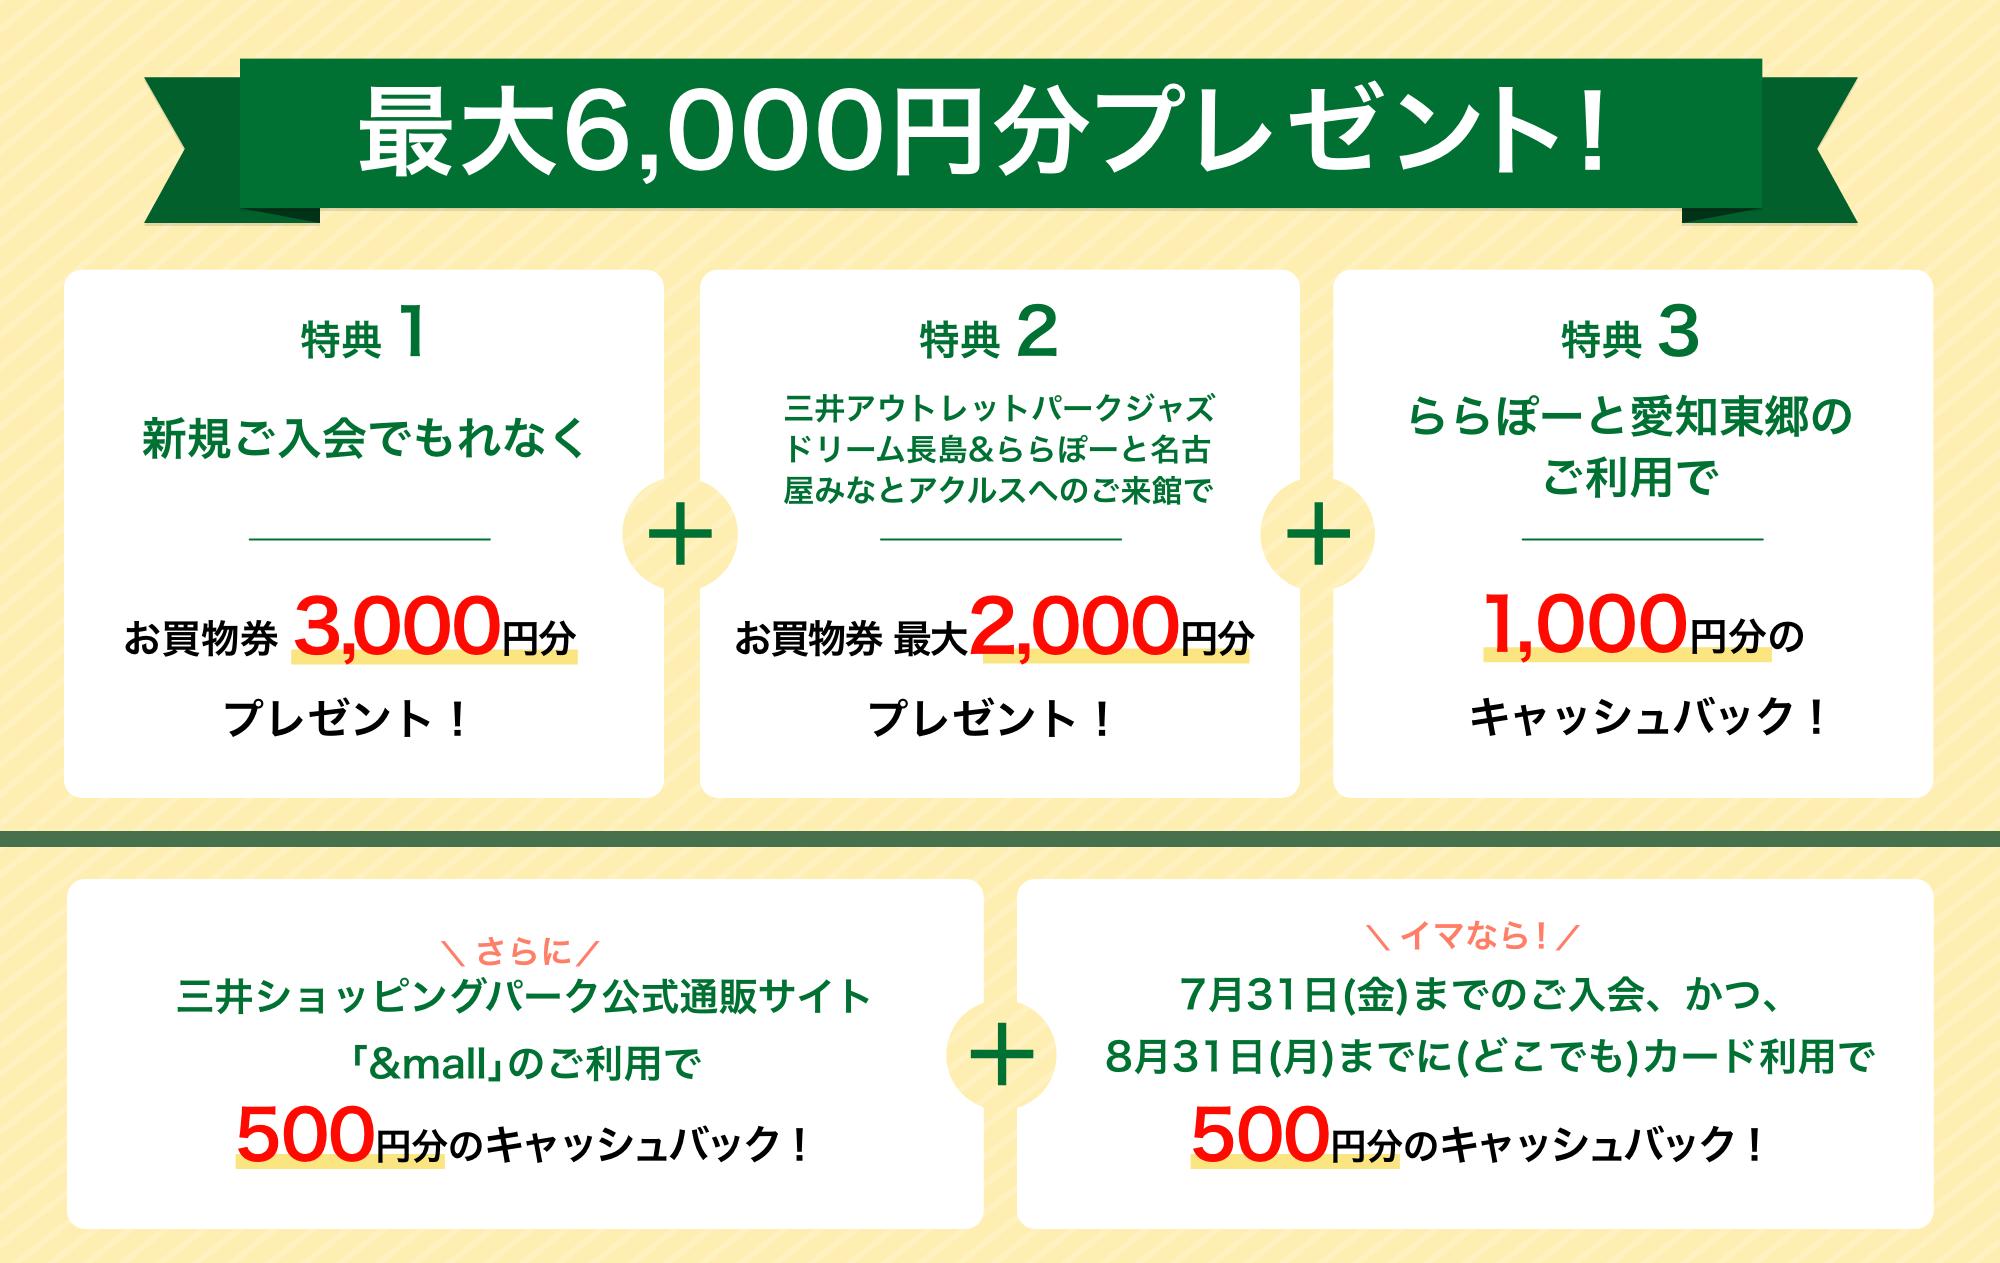 三井 ショッピング パーク カード 特典